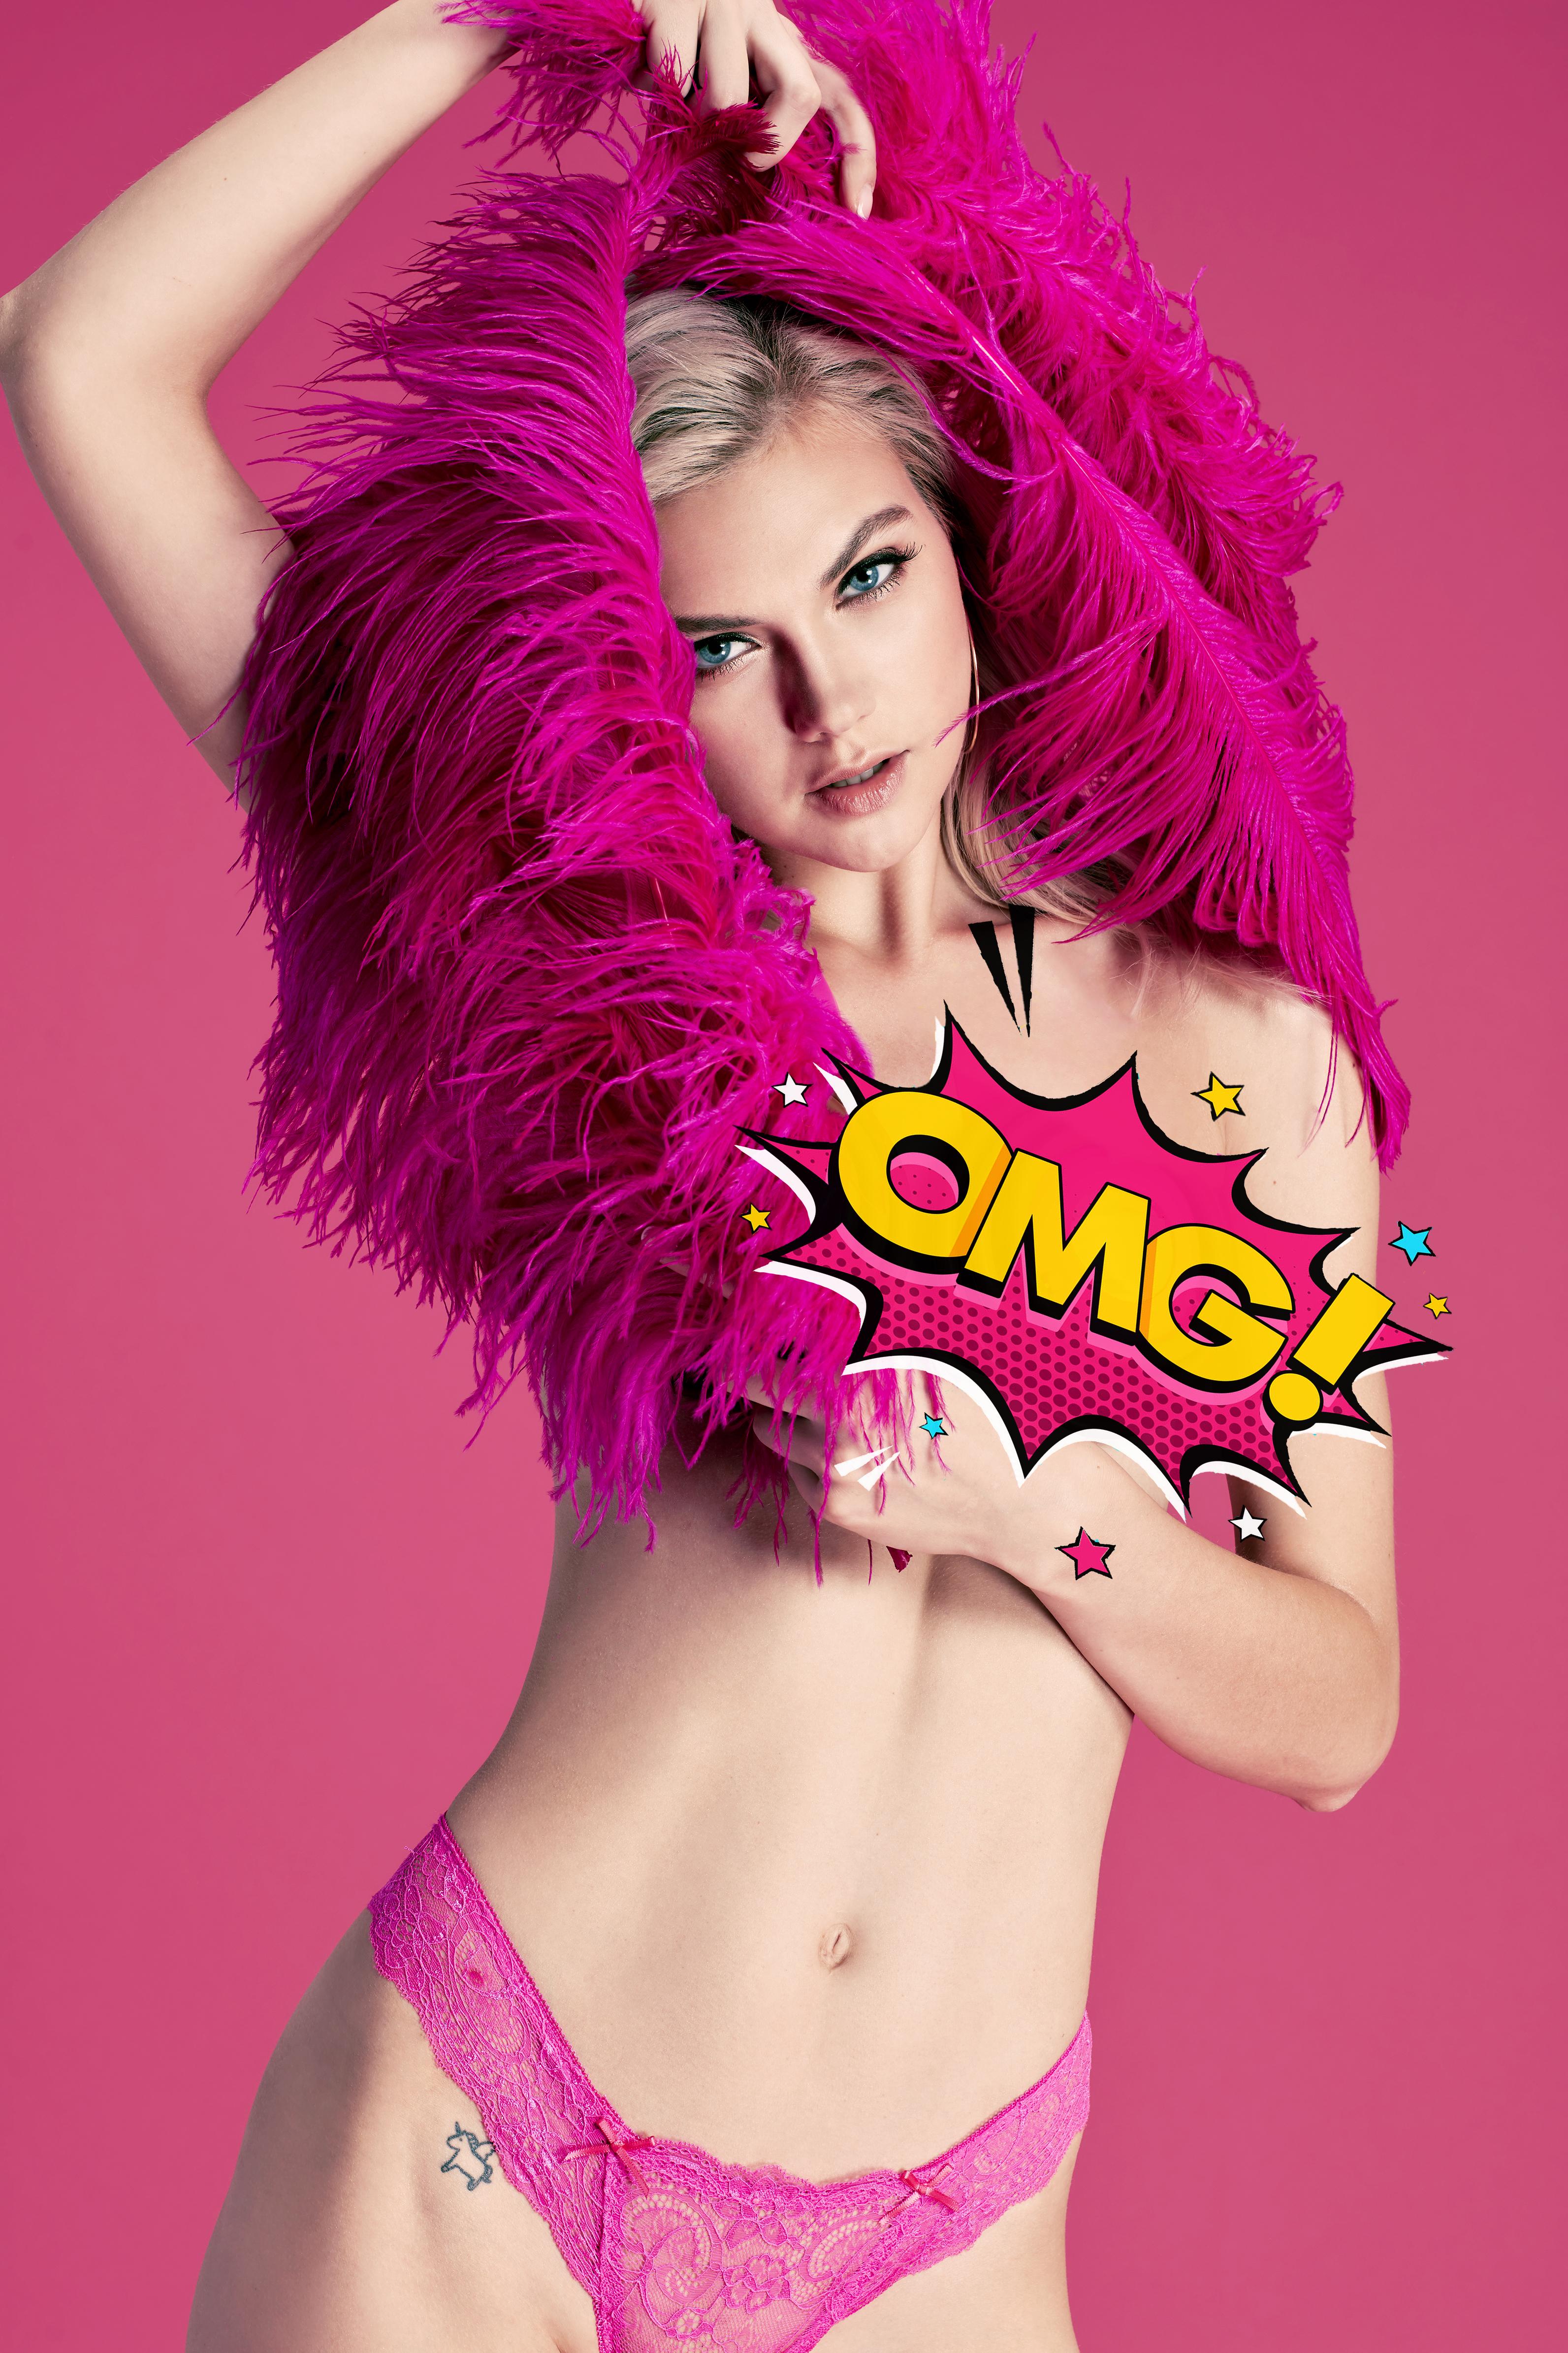 beauty #lickerie #fashionmodel #beautysh